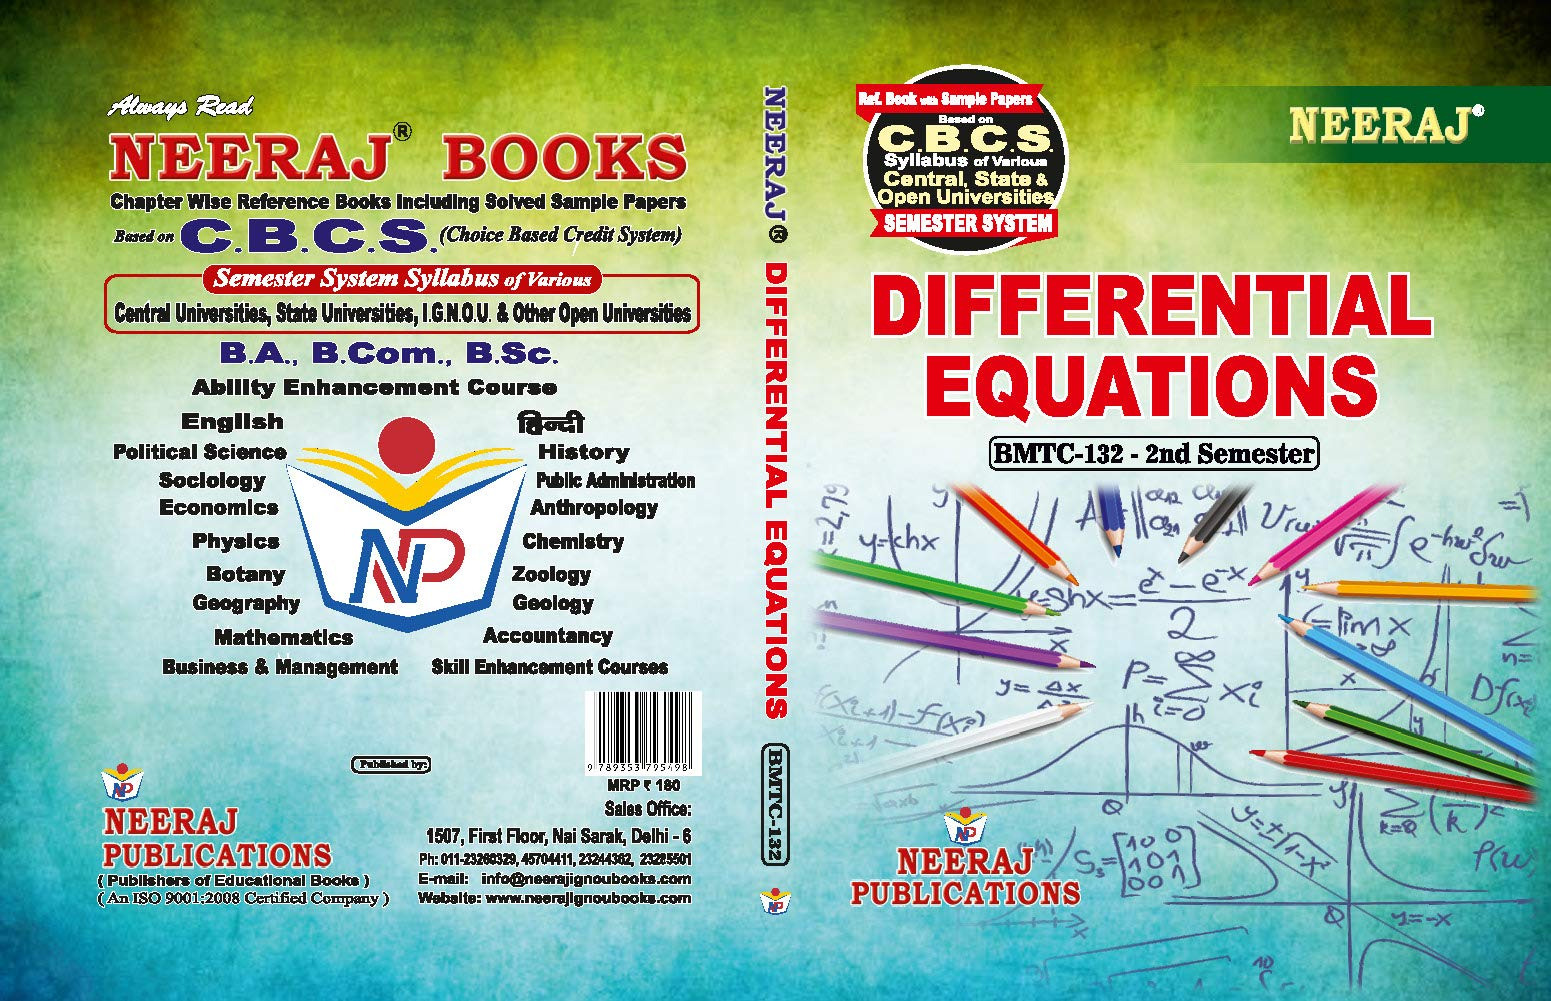 BMTC-132 Book Cover Image